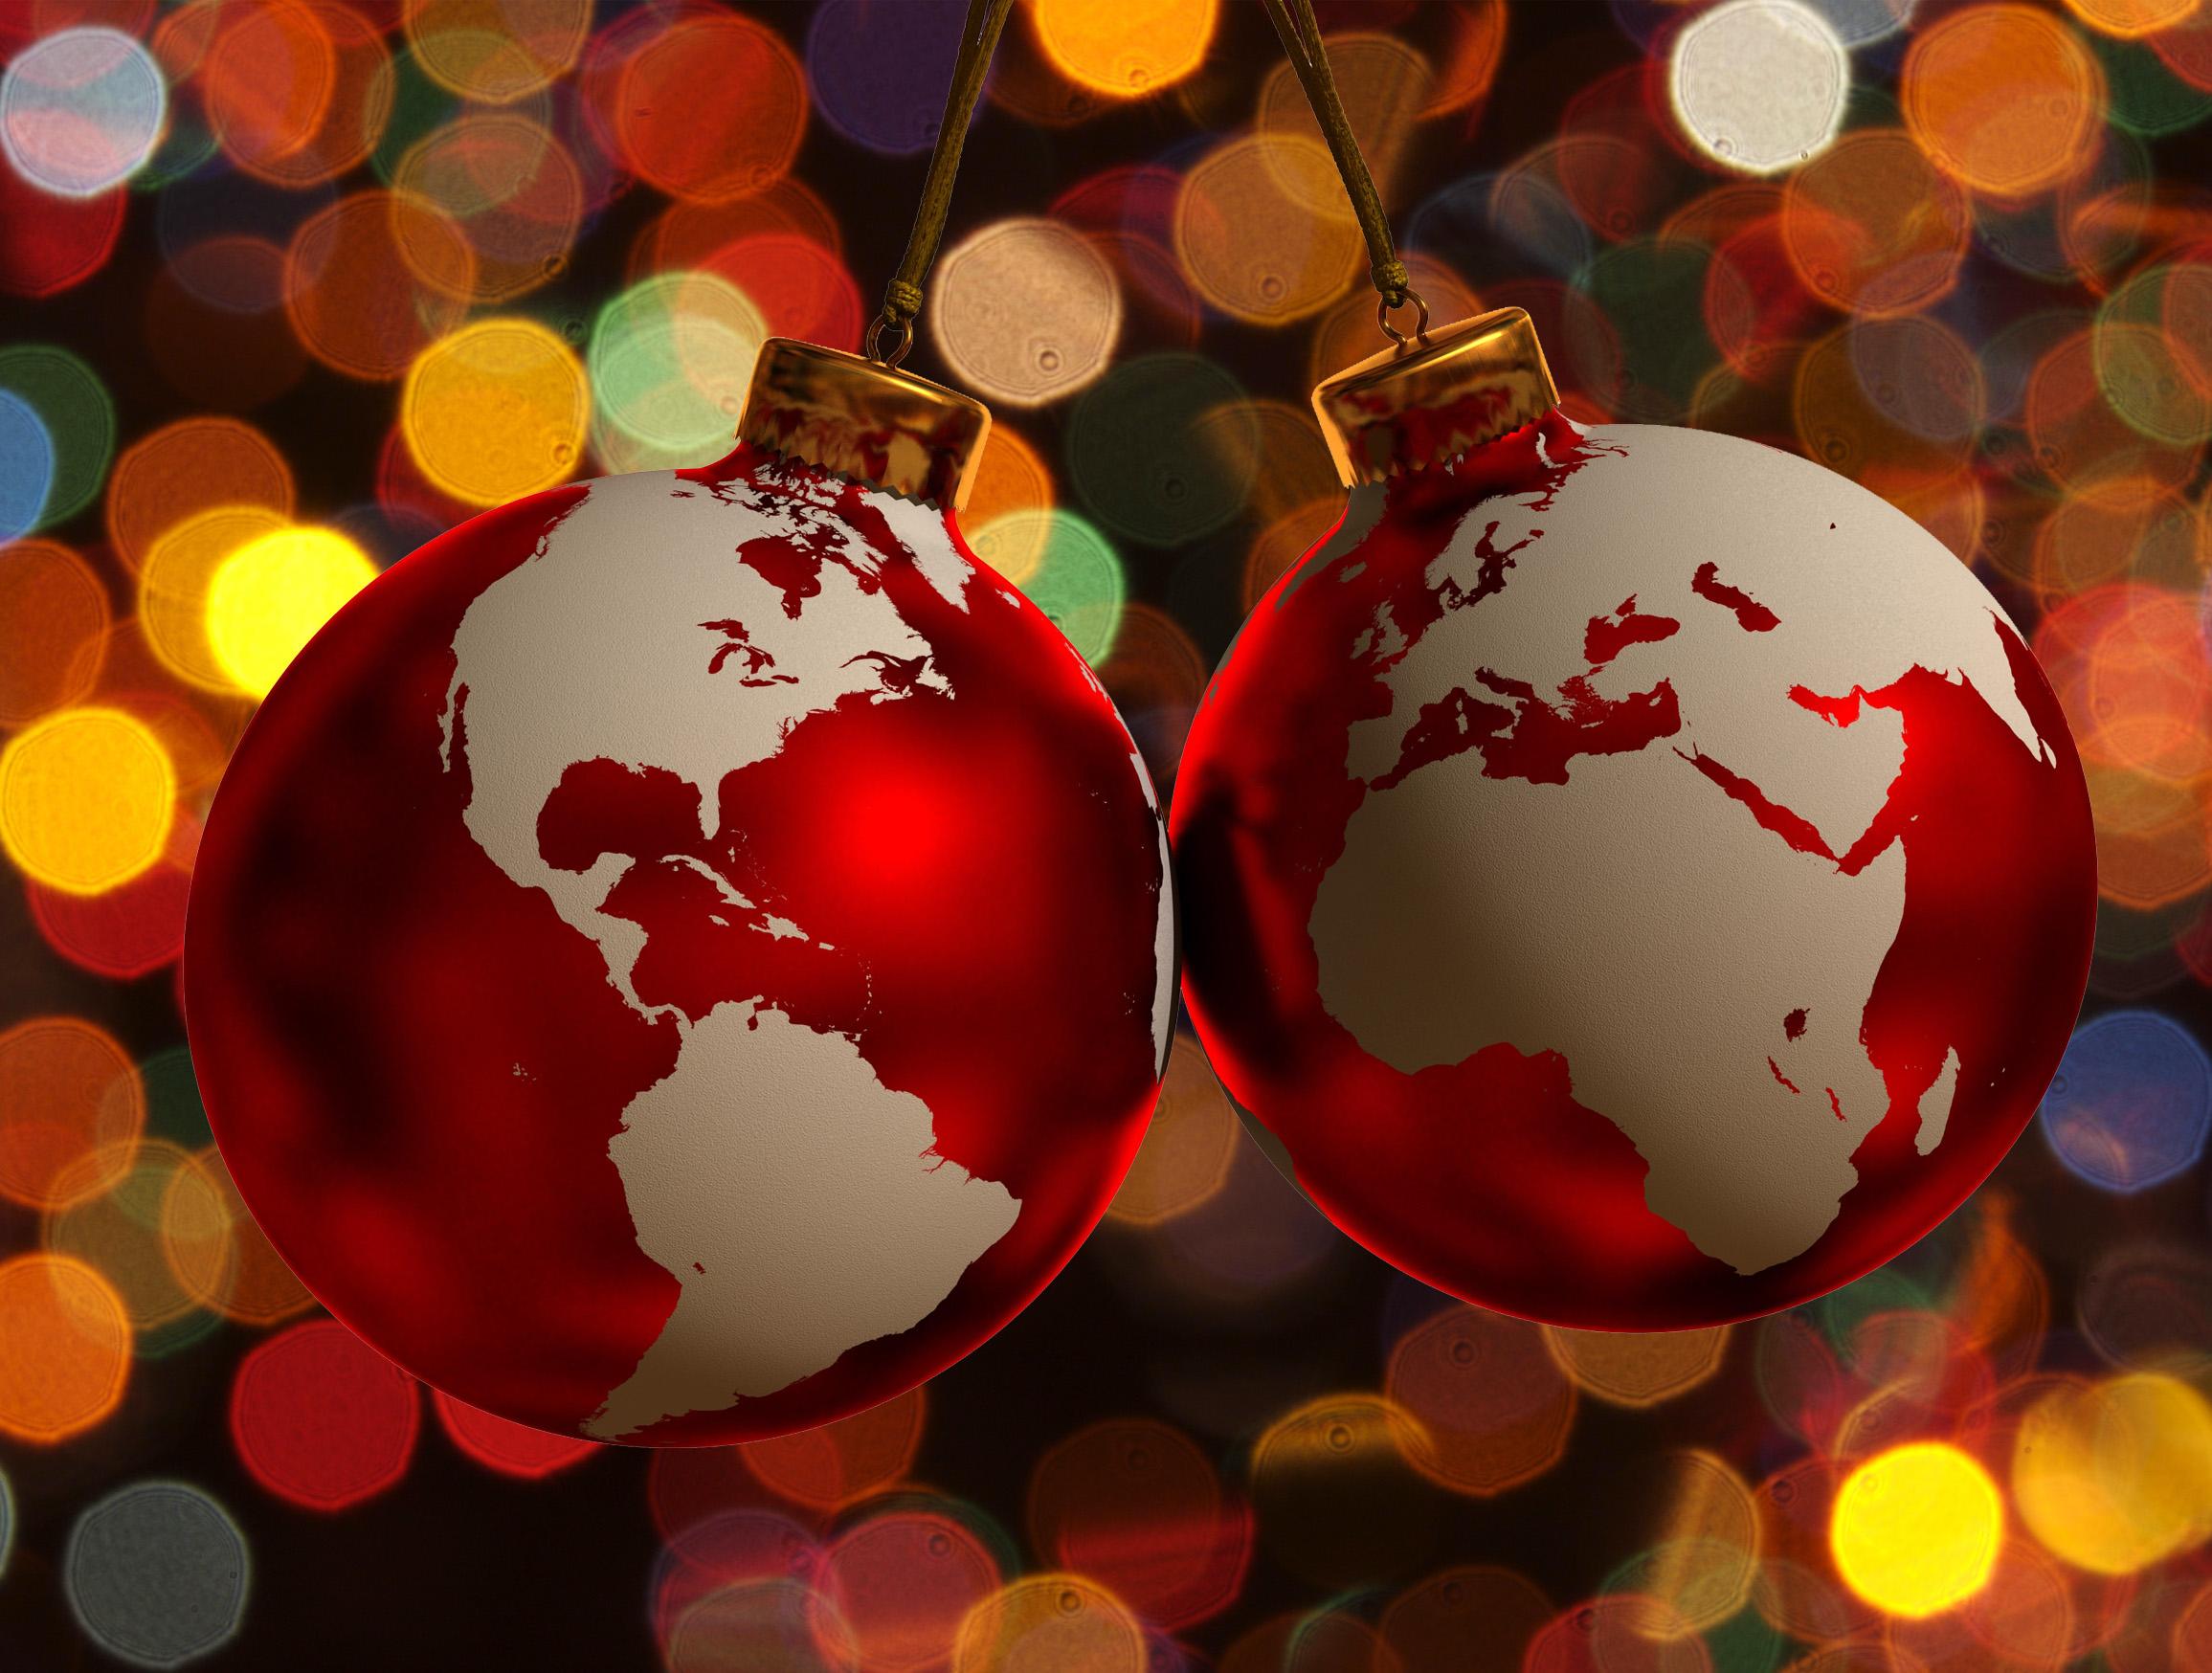 La natividad del niño Dios es una celebración mundial